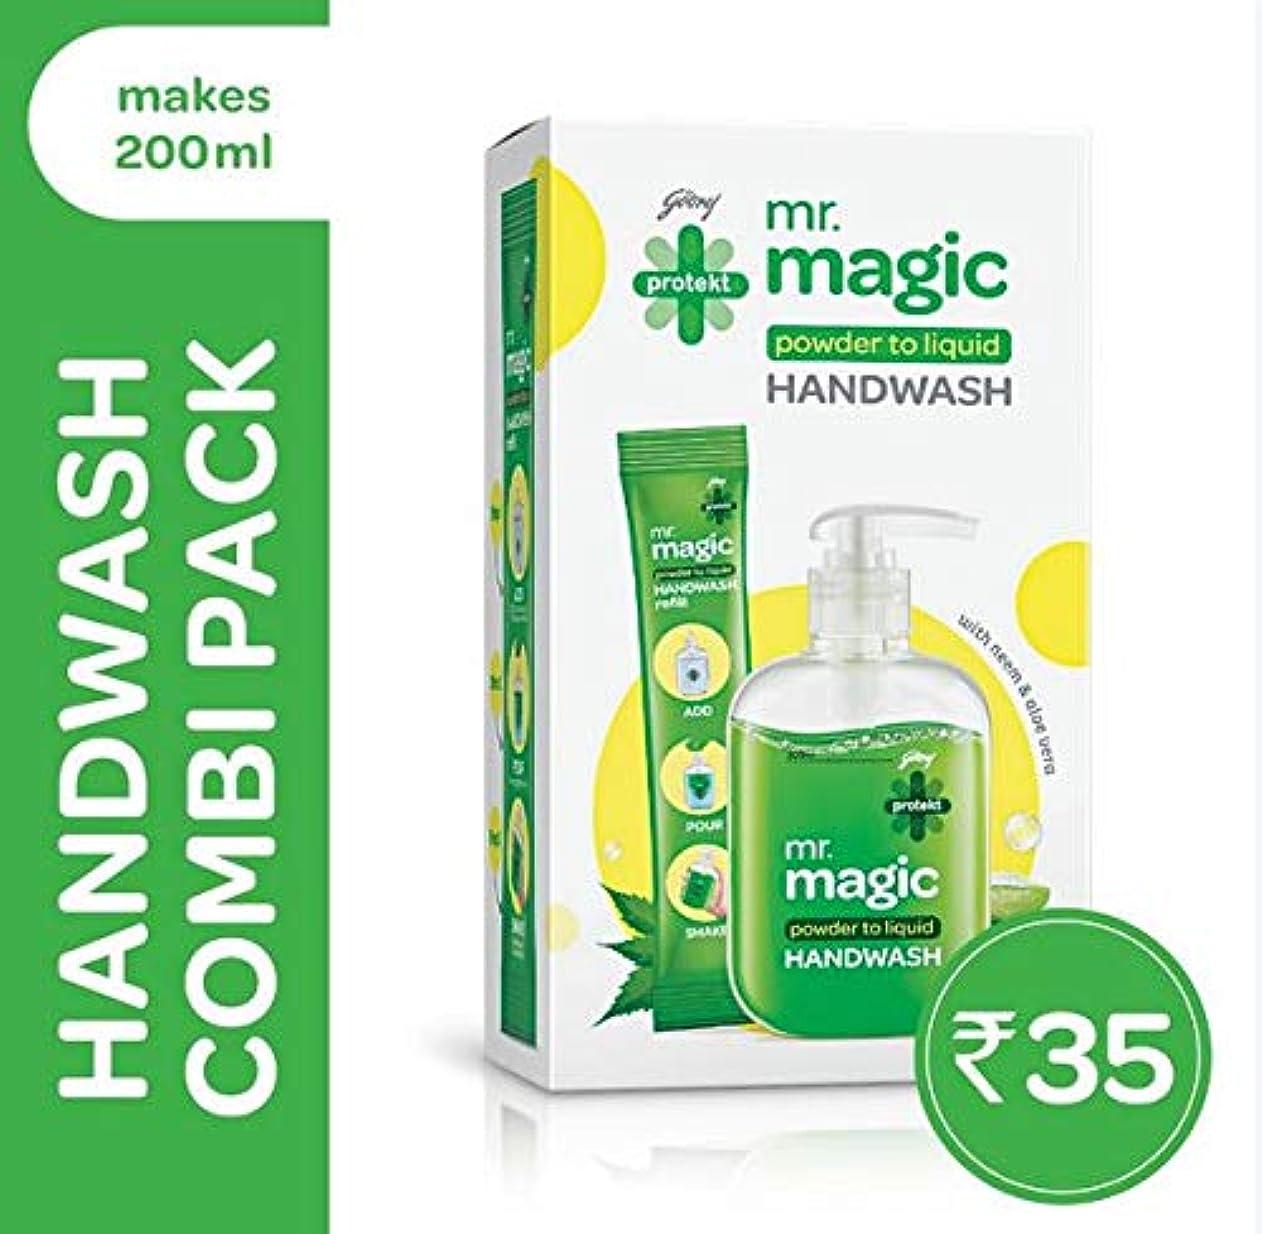 絵不毛命題Godrej Protekt Mr. Magic Handwash 9g (Pack of 2)